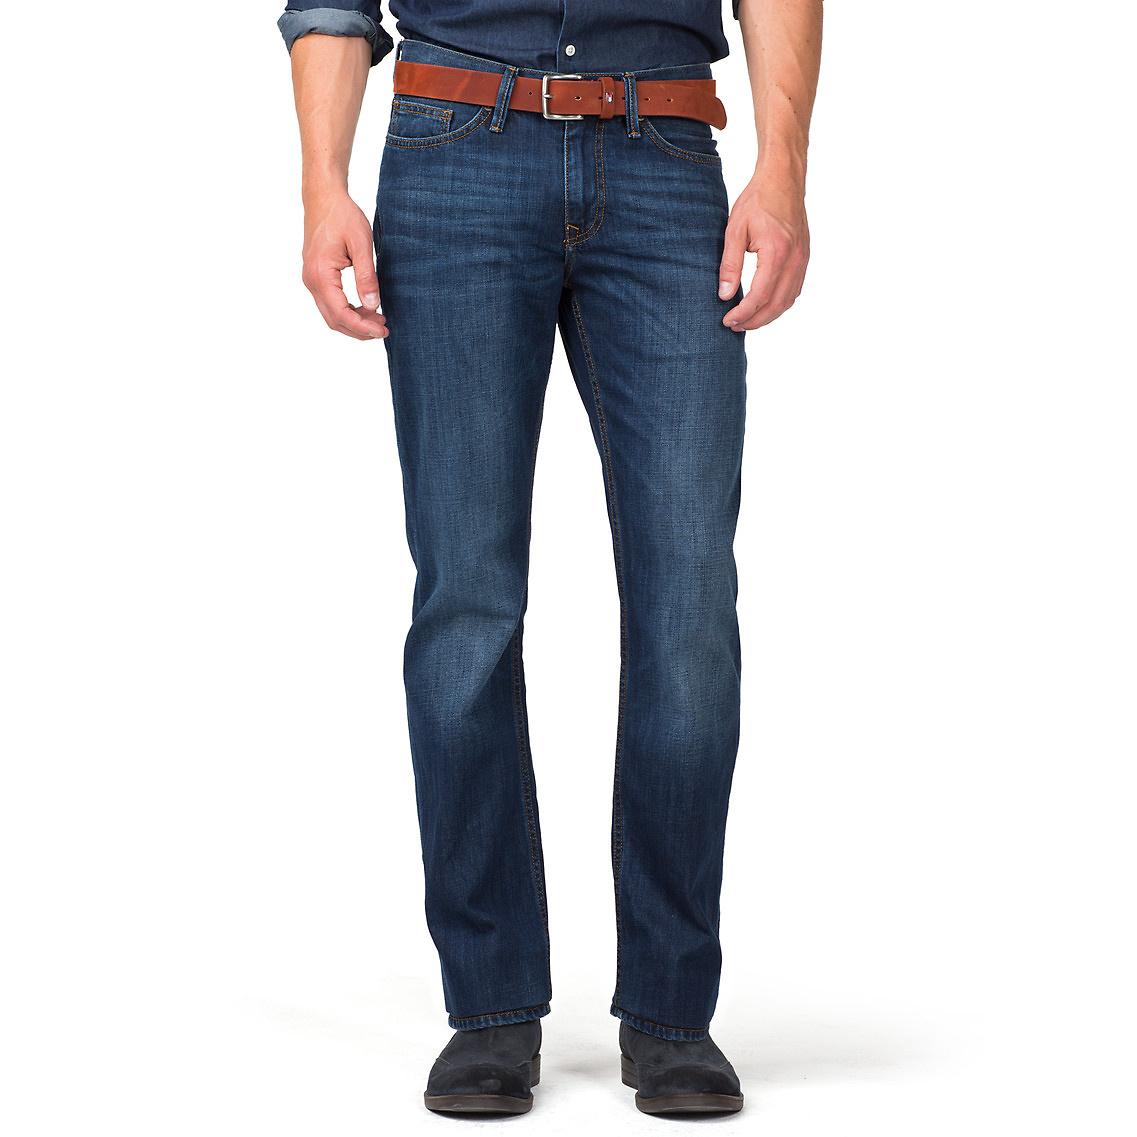 lyst tommy hilfiger mercer regular fit jeans in blue for men. Black Bedroom Furniture Sets. Home Design Ideas